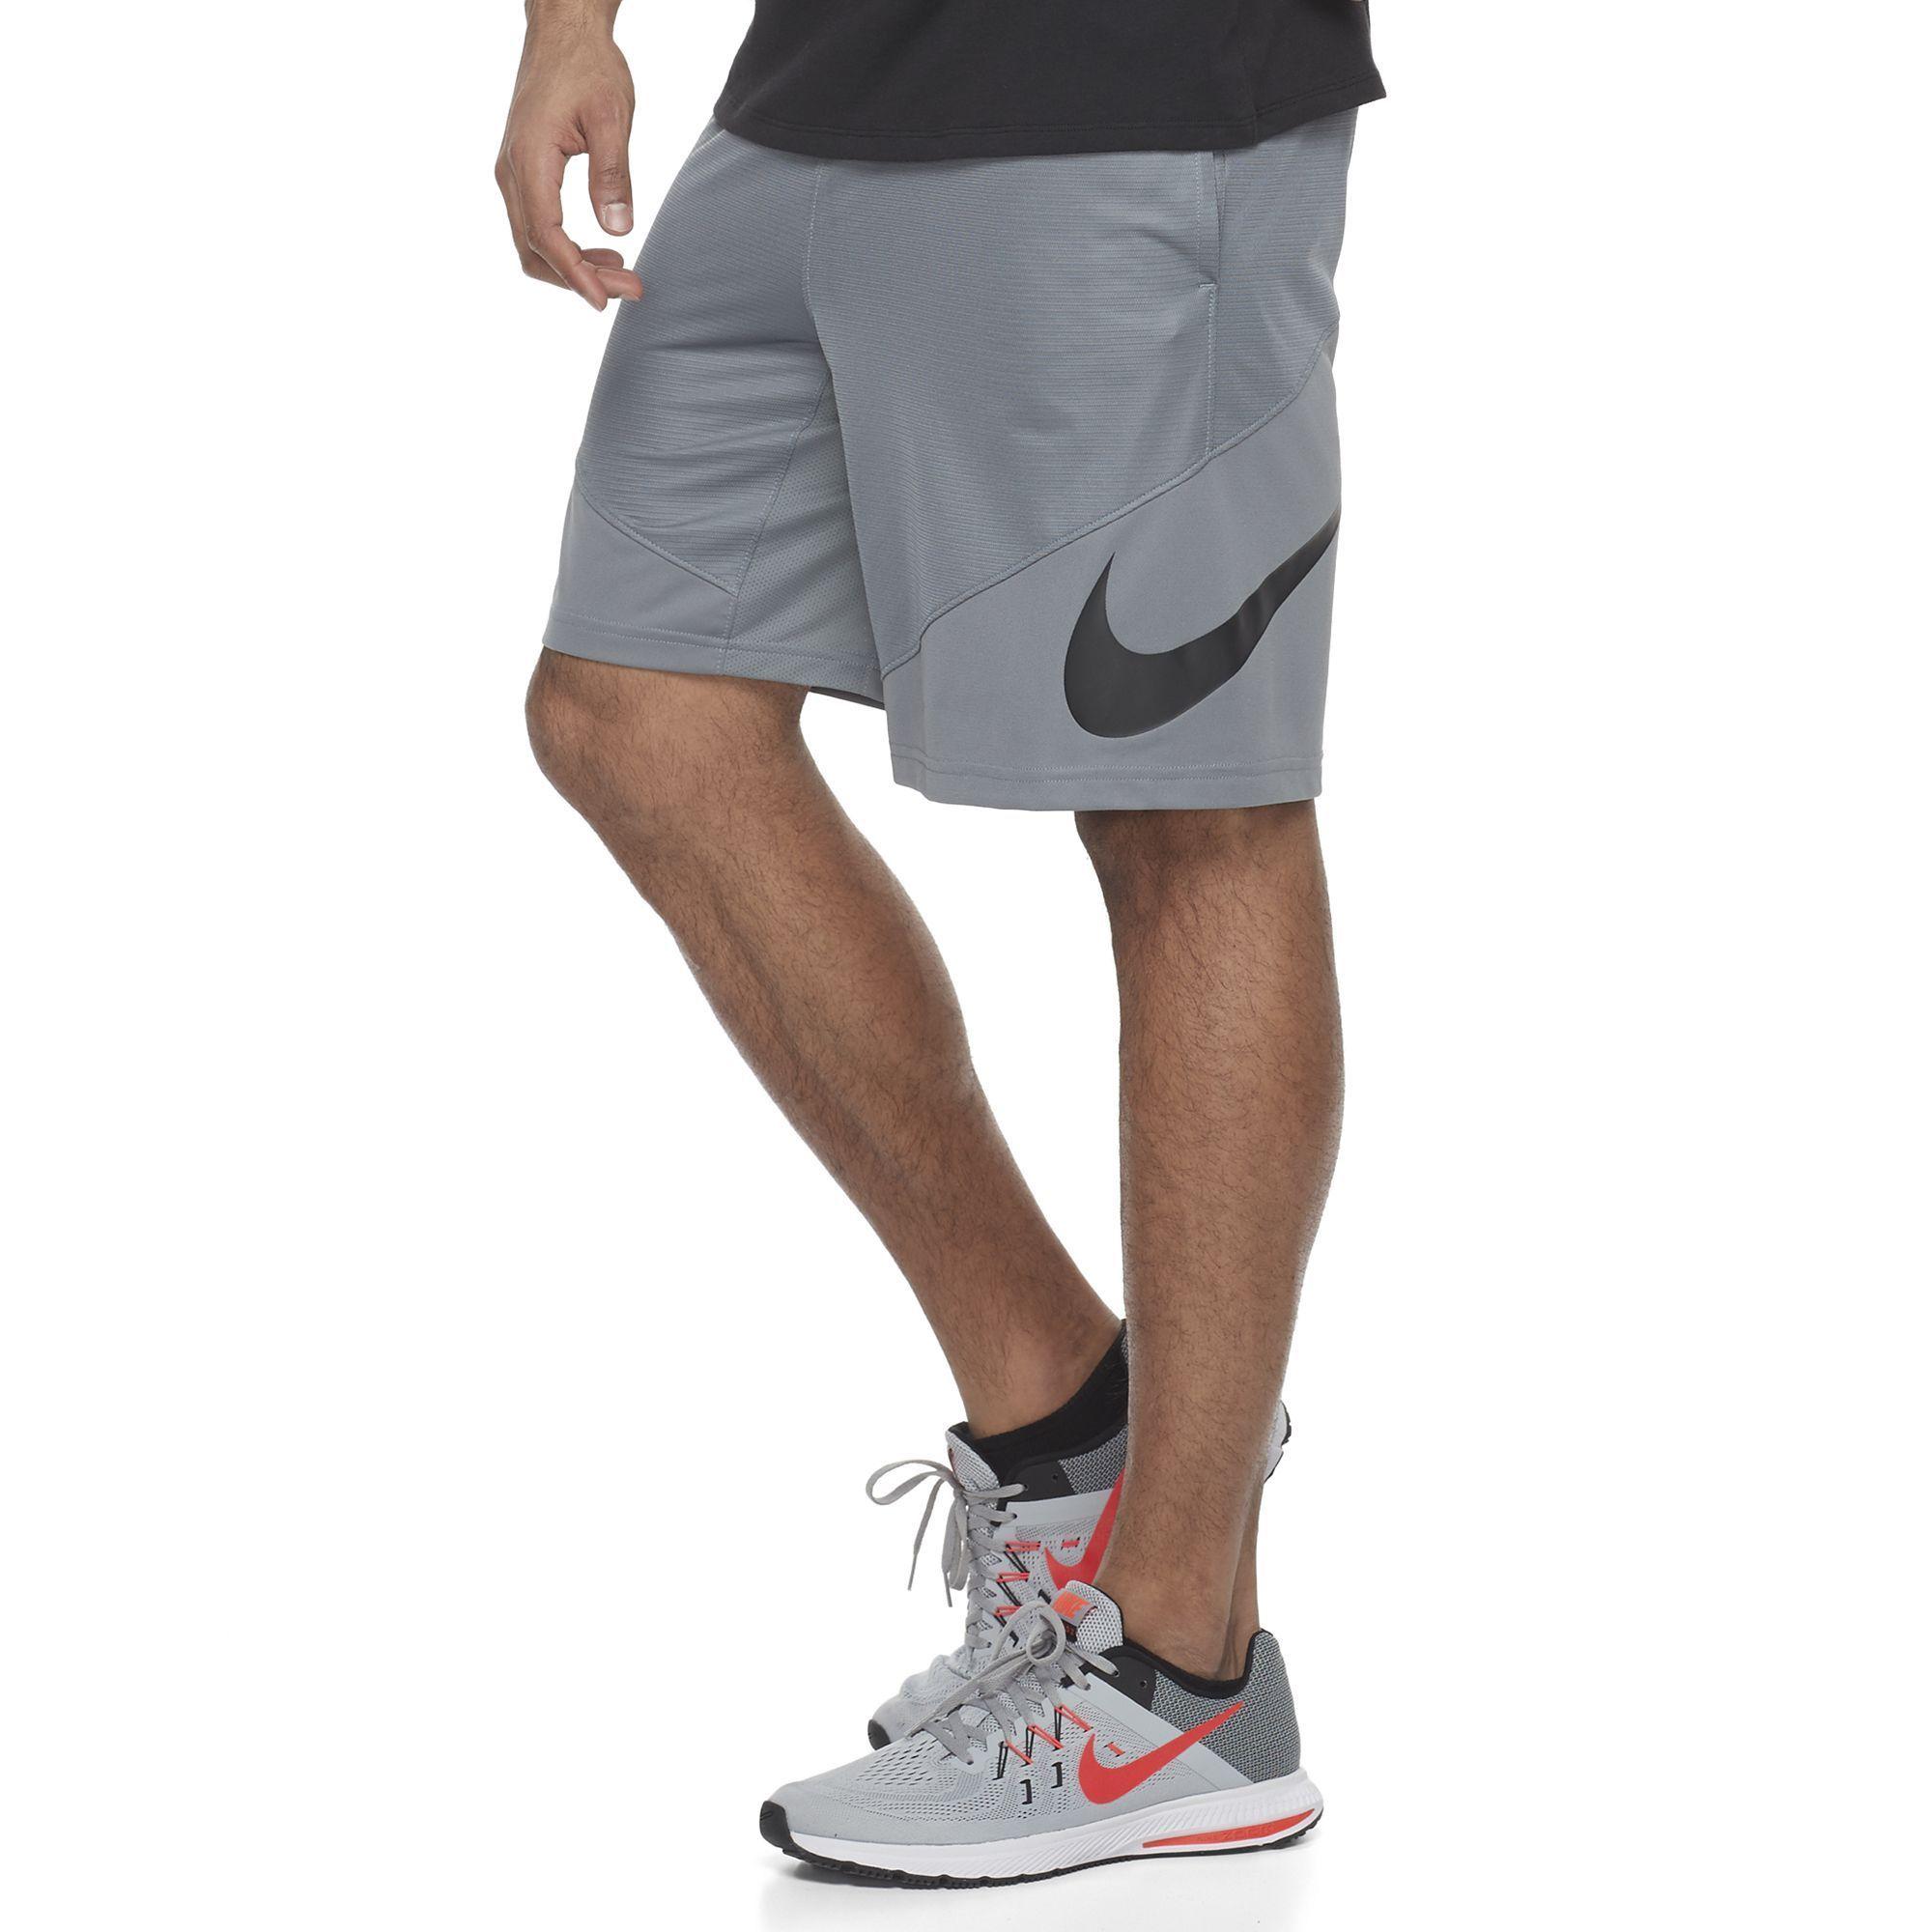 vente images footlocker meilleur endroit Nike Short Hommes De Tir De Basket-ball Dri-fit x206qSNK